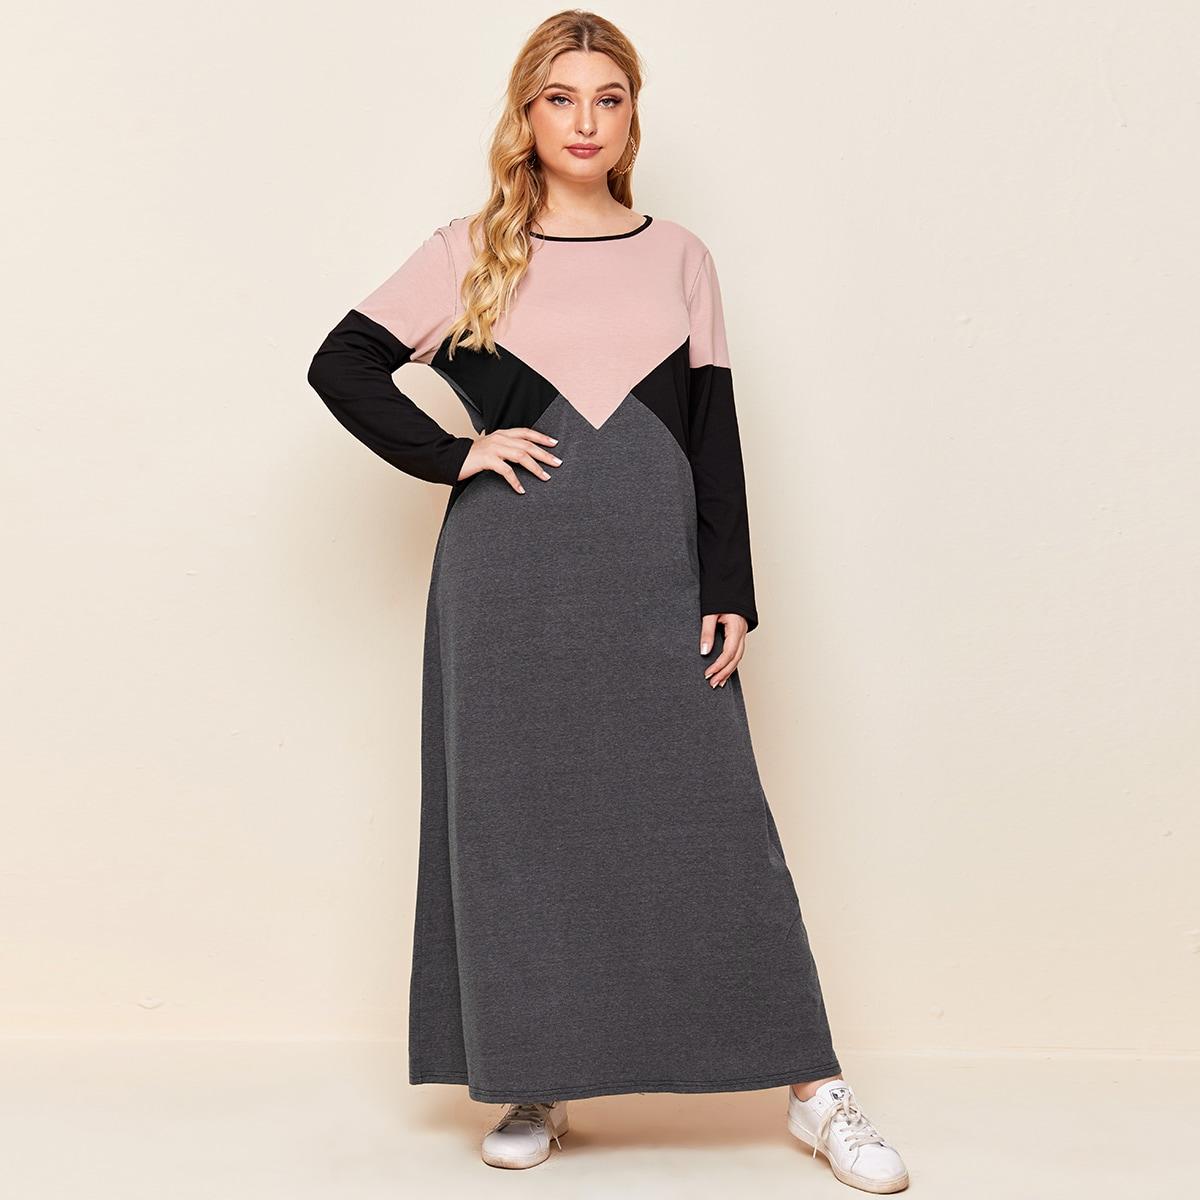 Темно-серый Контрастный цвет Повседневный Платья размер плюс